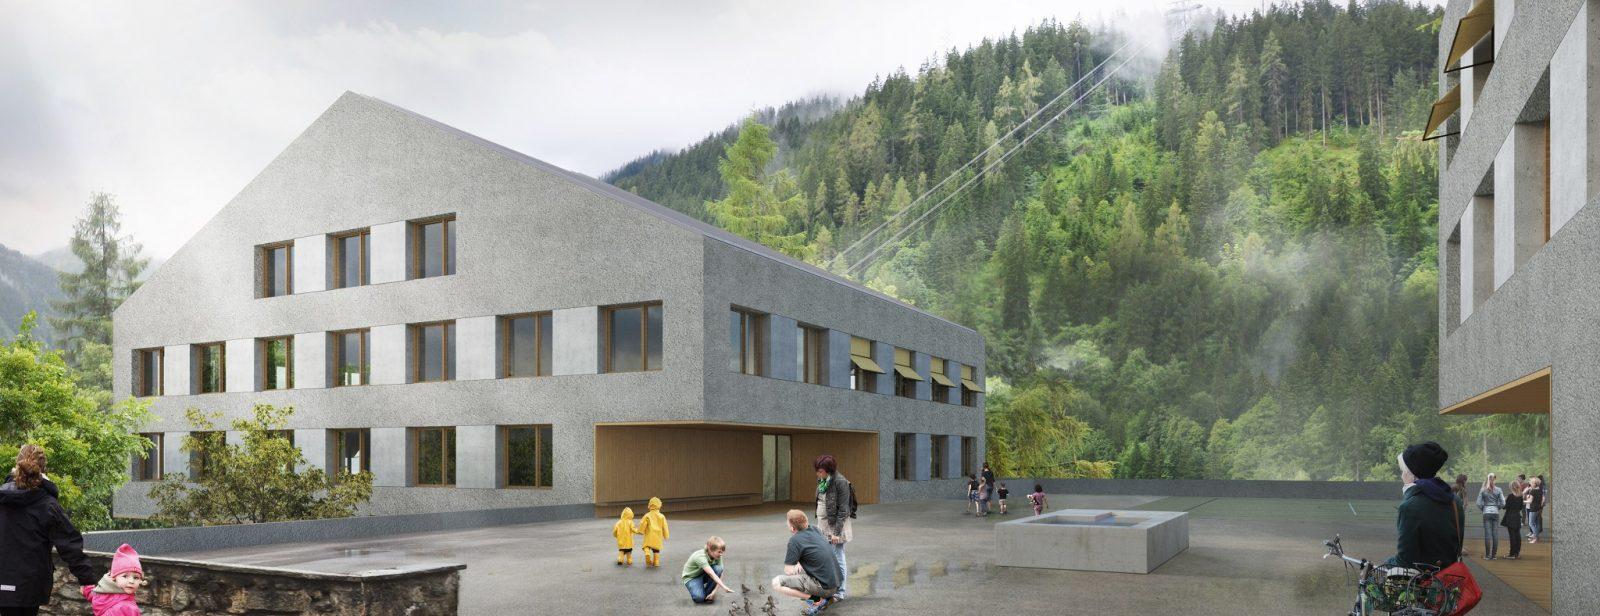 Schulanlage Klosters-Platz, Klosters